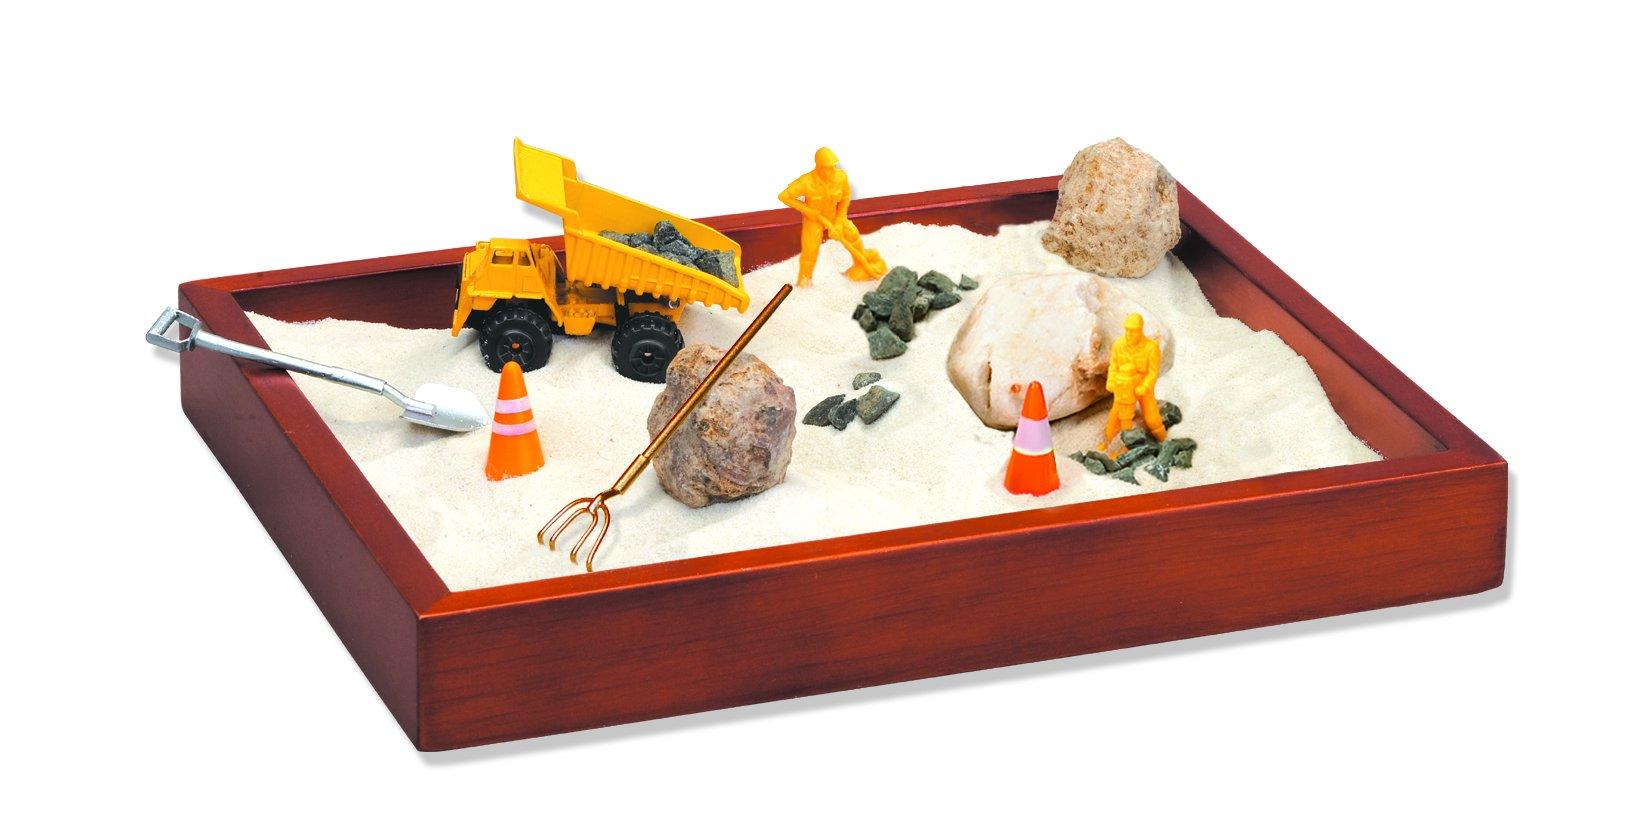 Executive Sandbox - Construction Zone